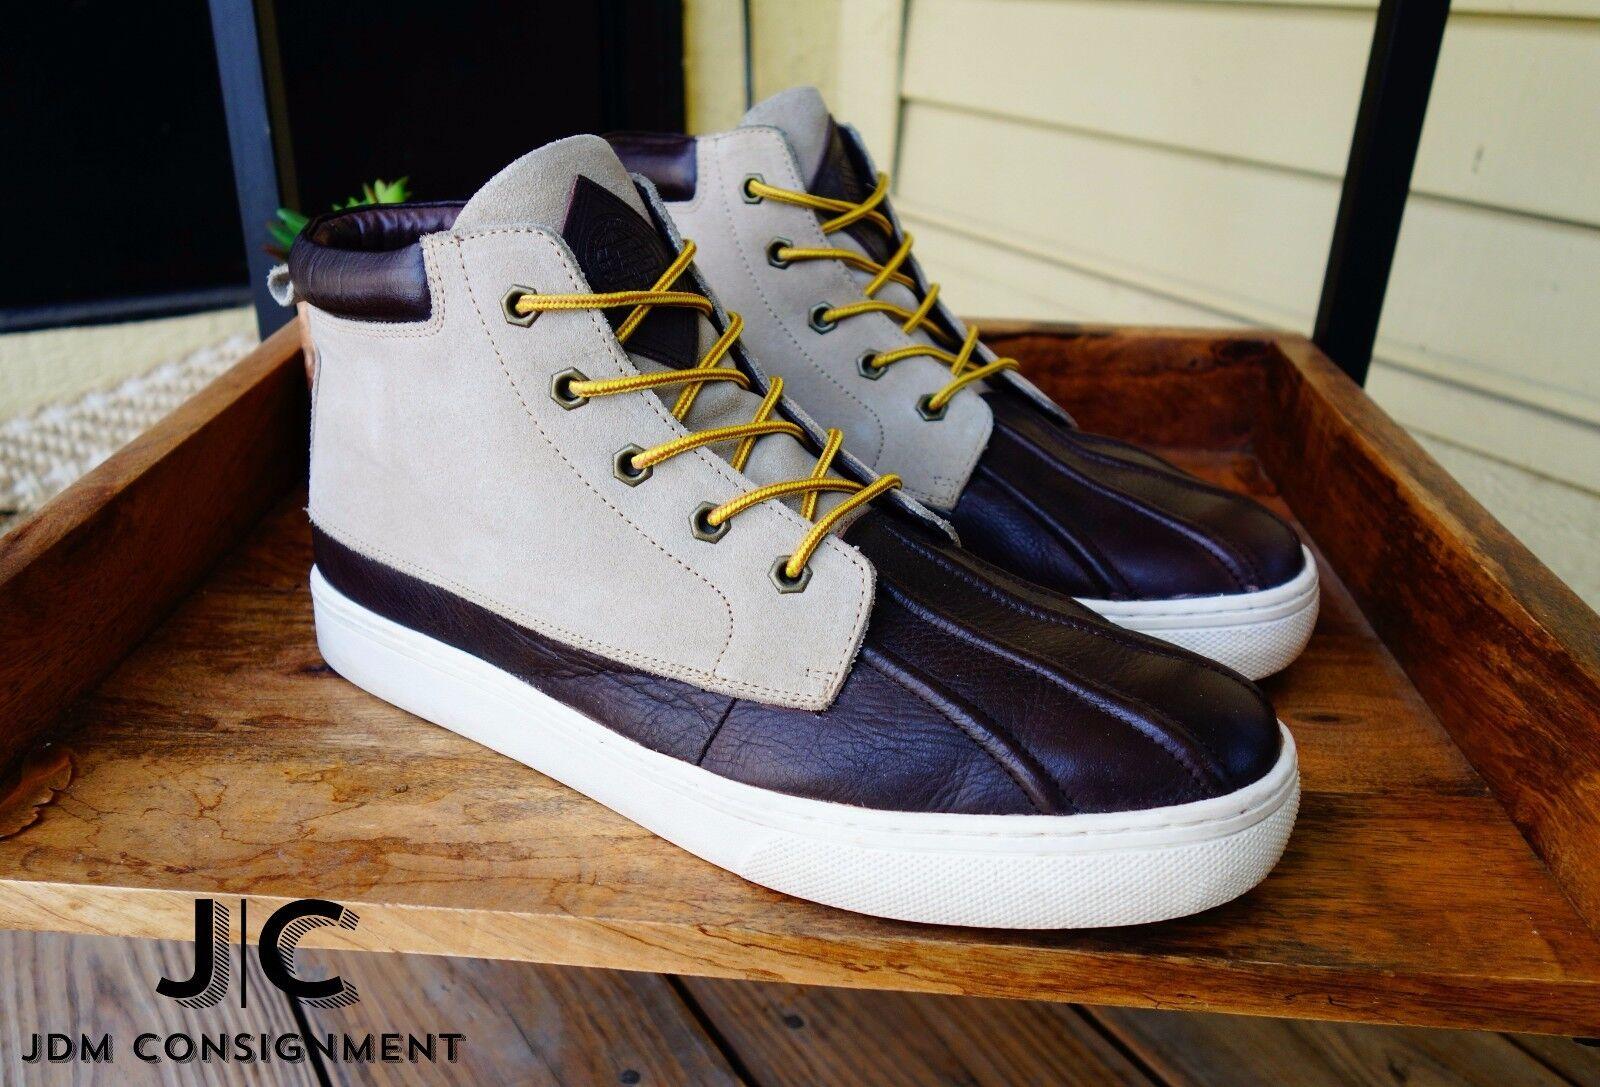 Amongst Friends Duckies Sneaker Duck Boot 10.5D in Tan Suede